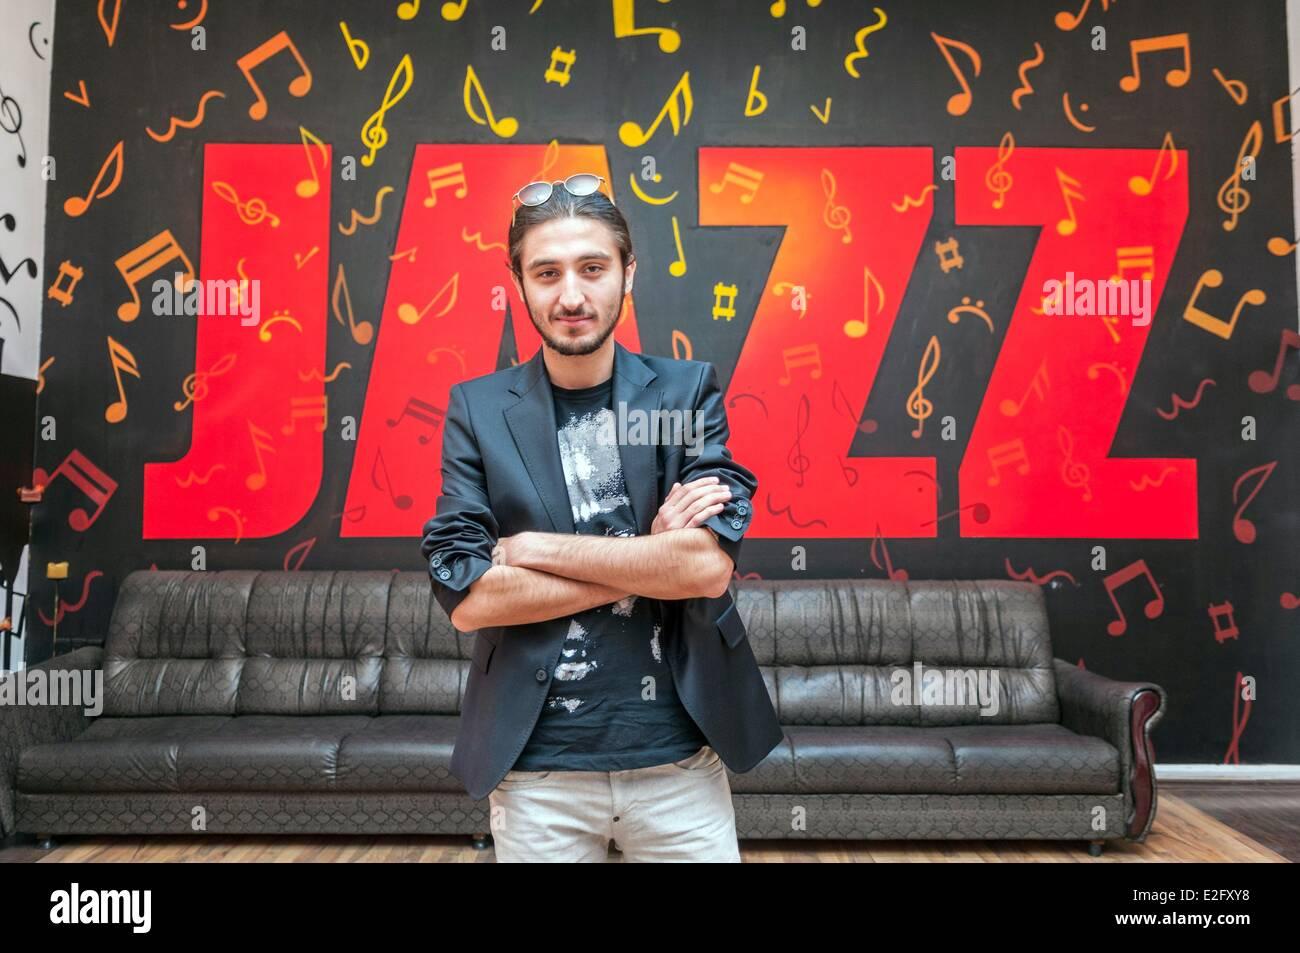 Azerbaijan Baku Isfar Sarabski international jazz pianist born in Baku in the Jazz club of downtwon - Stock Image